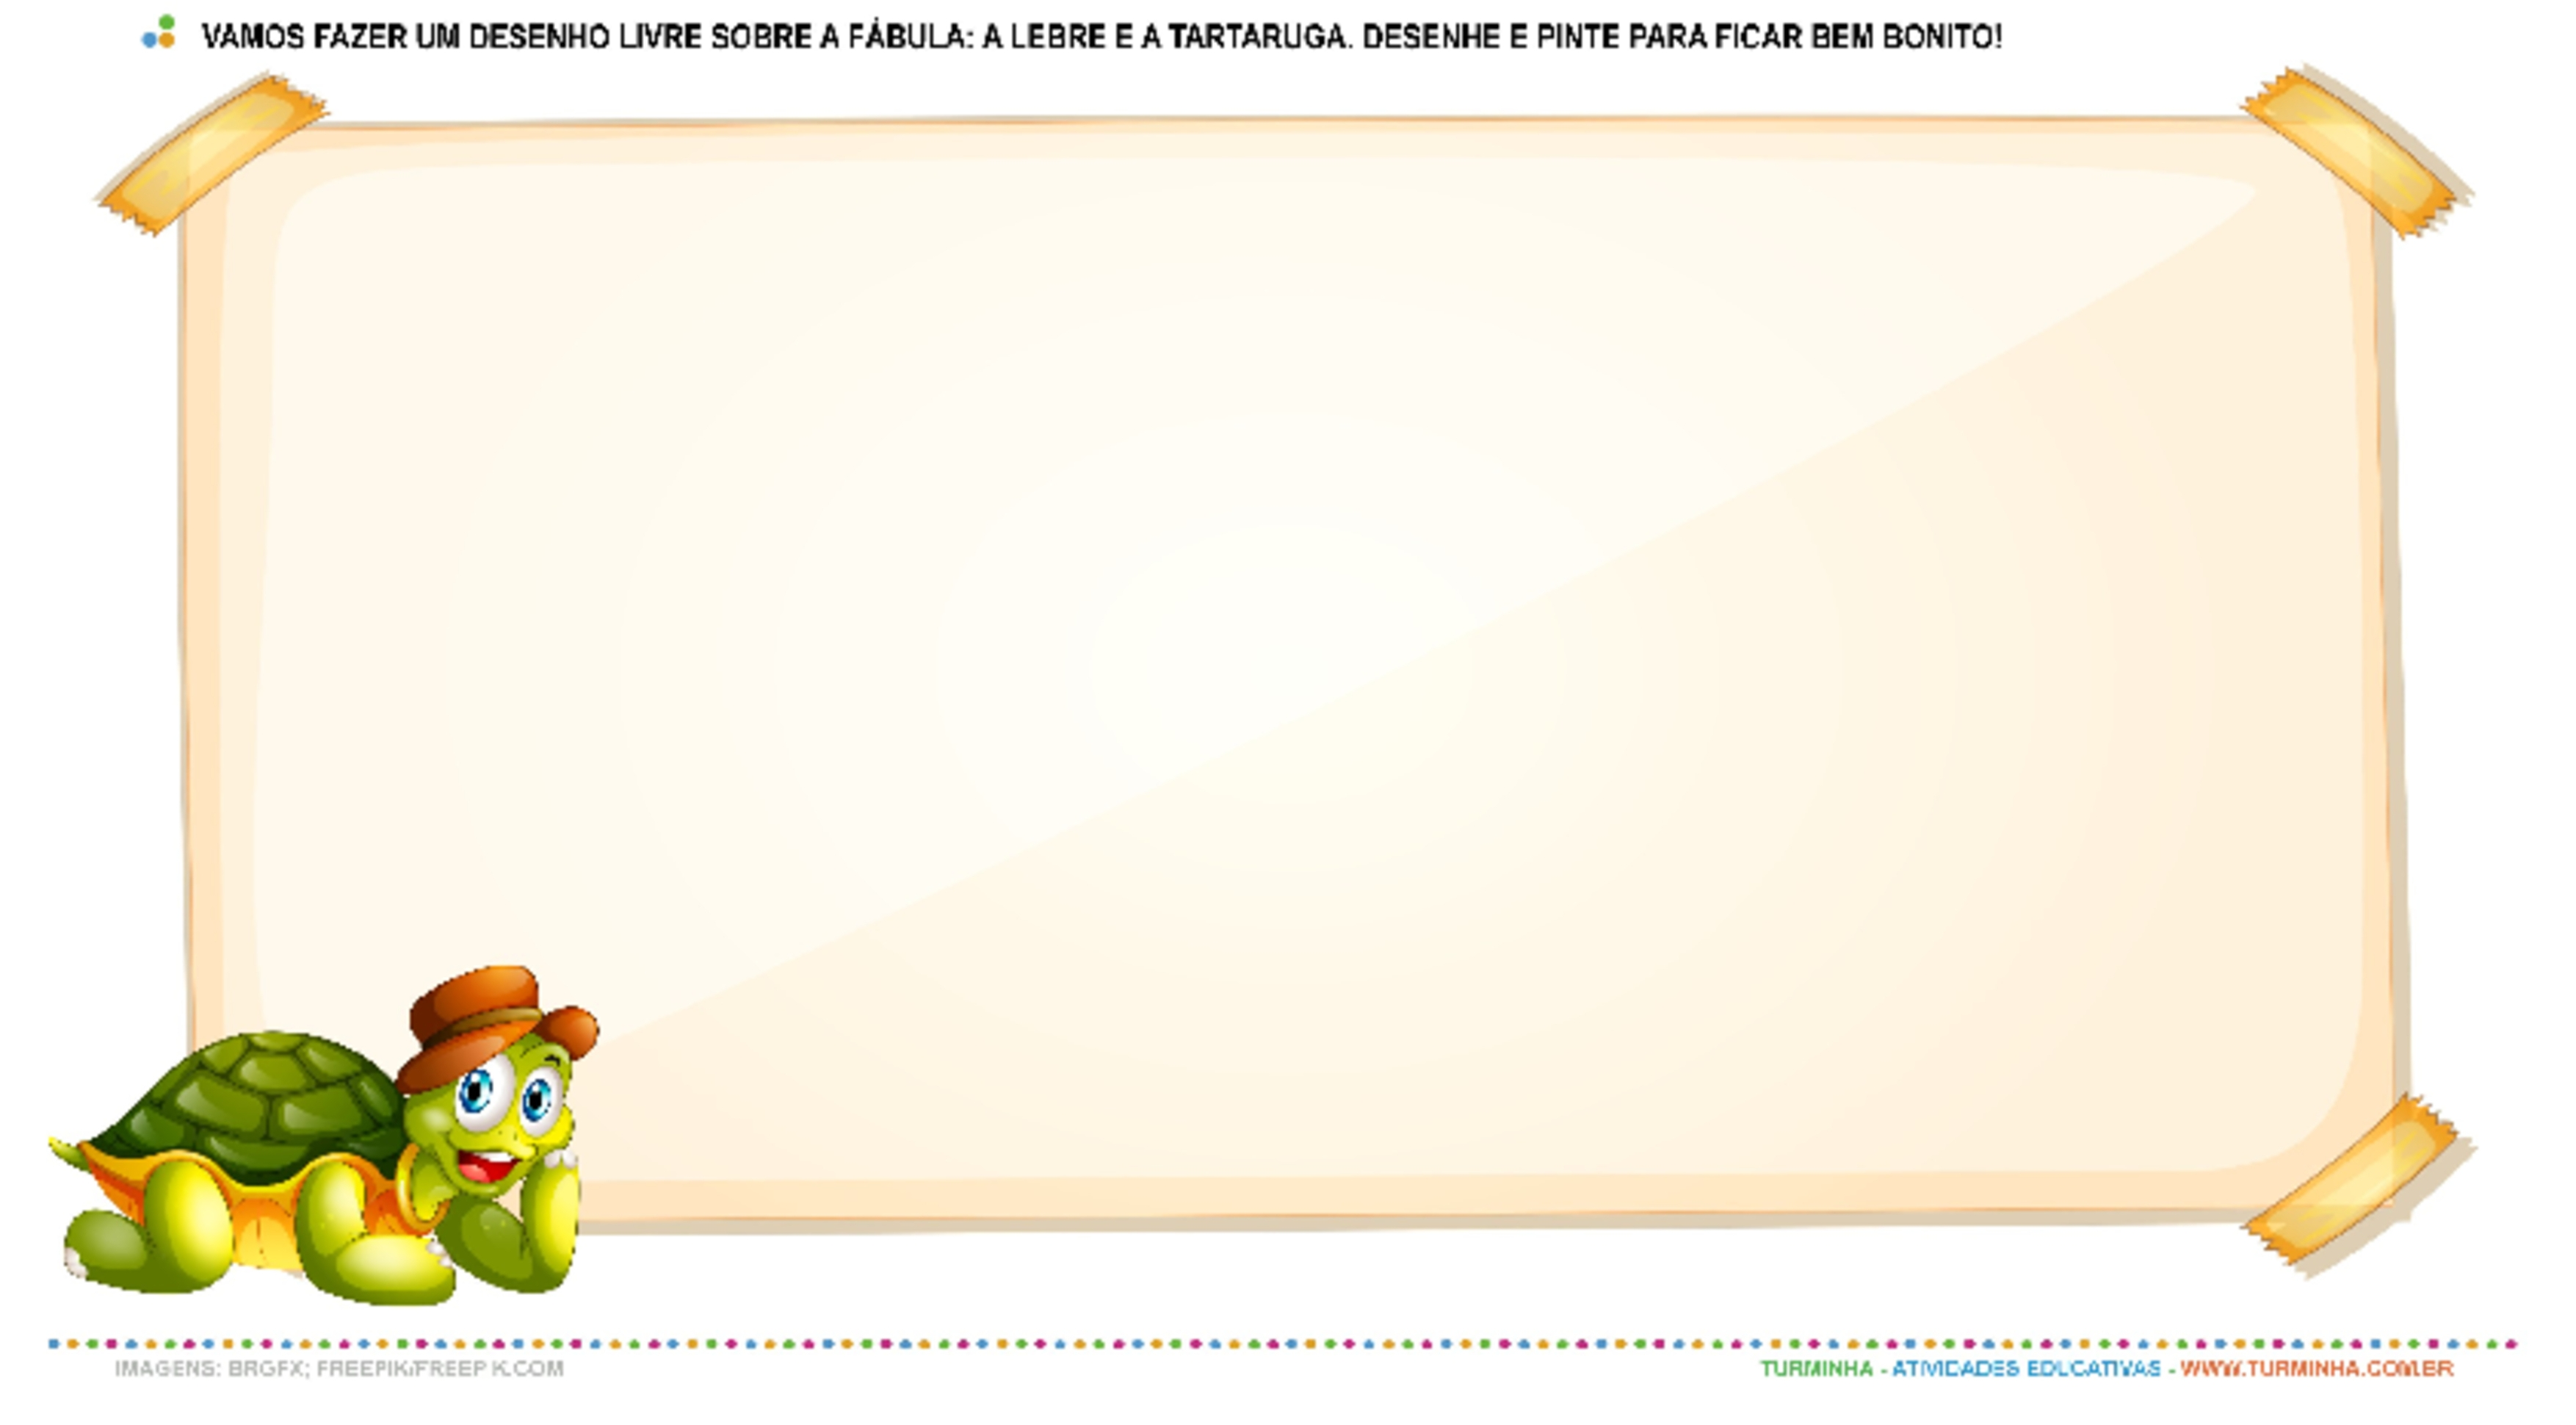 Fábula - A Lebre e a Tartaruga - Desenho Livre - atividade educativa para Pré-Escola (4 e 5 anos)